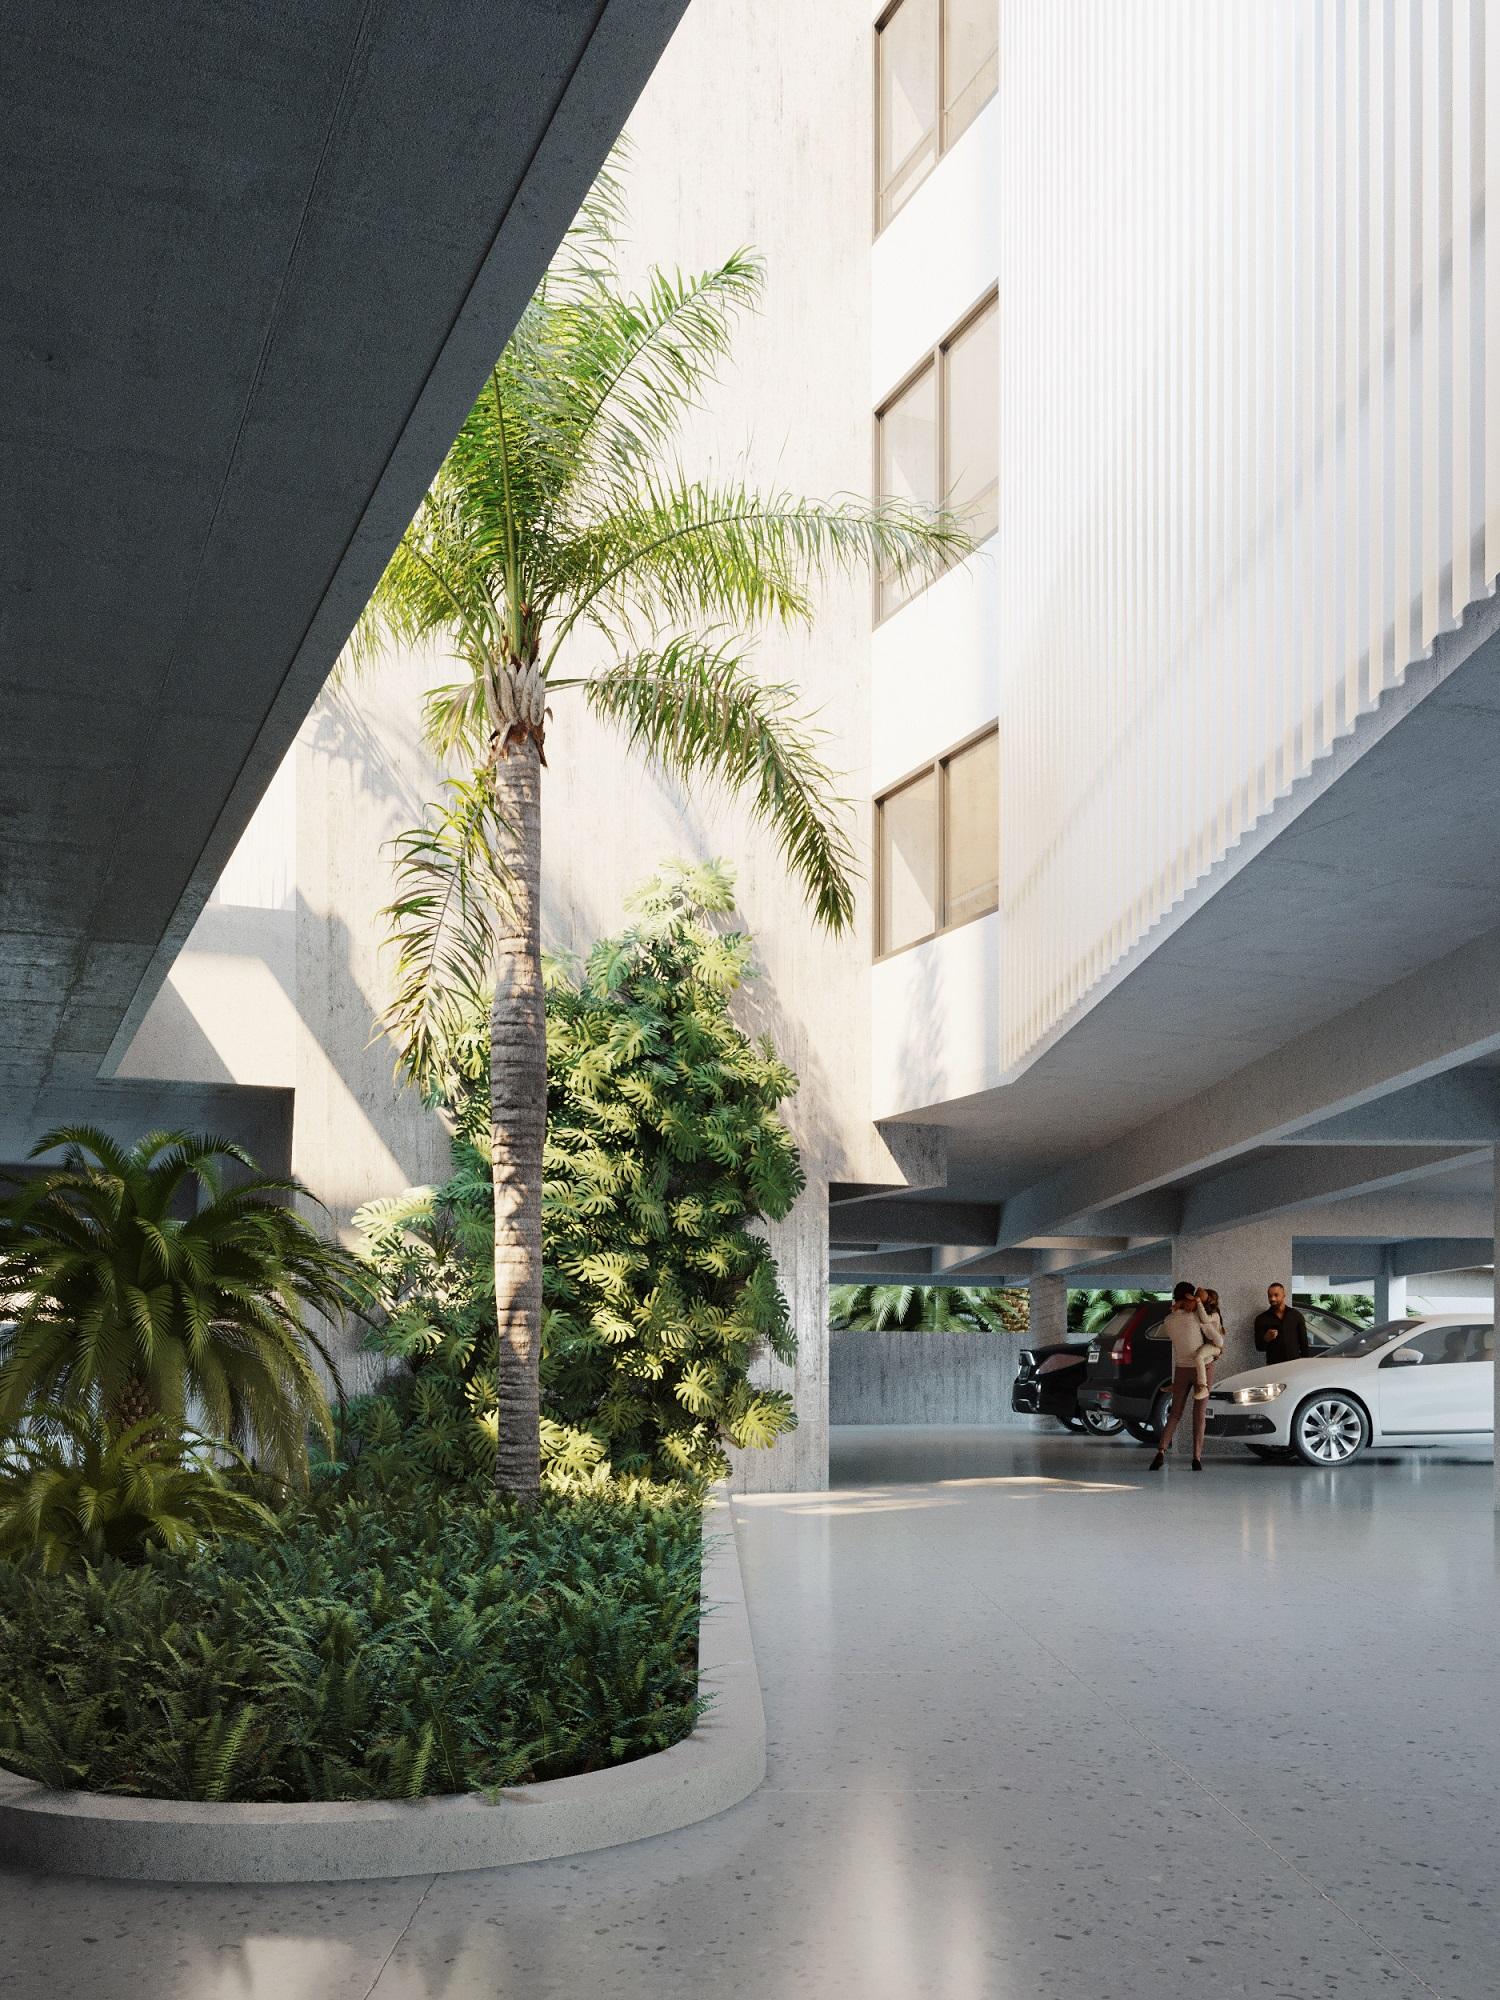 Paisagismo do edifício será formado por espécies nativas.